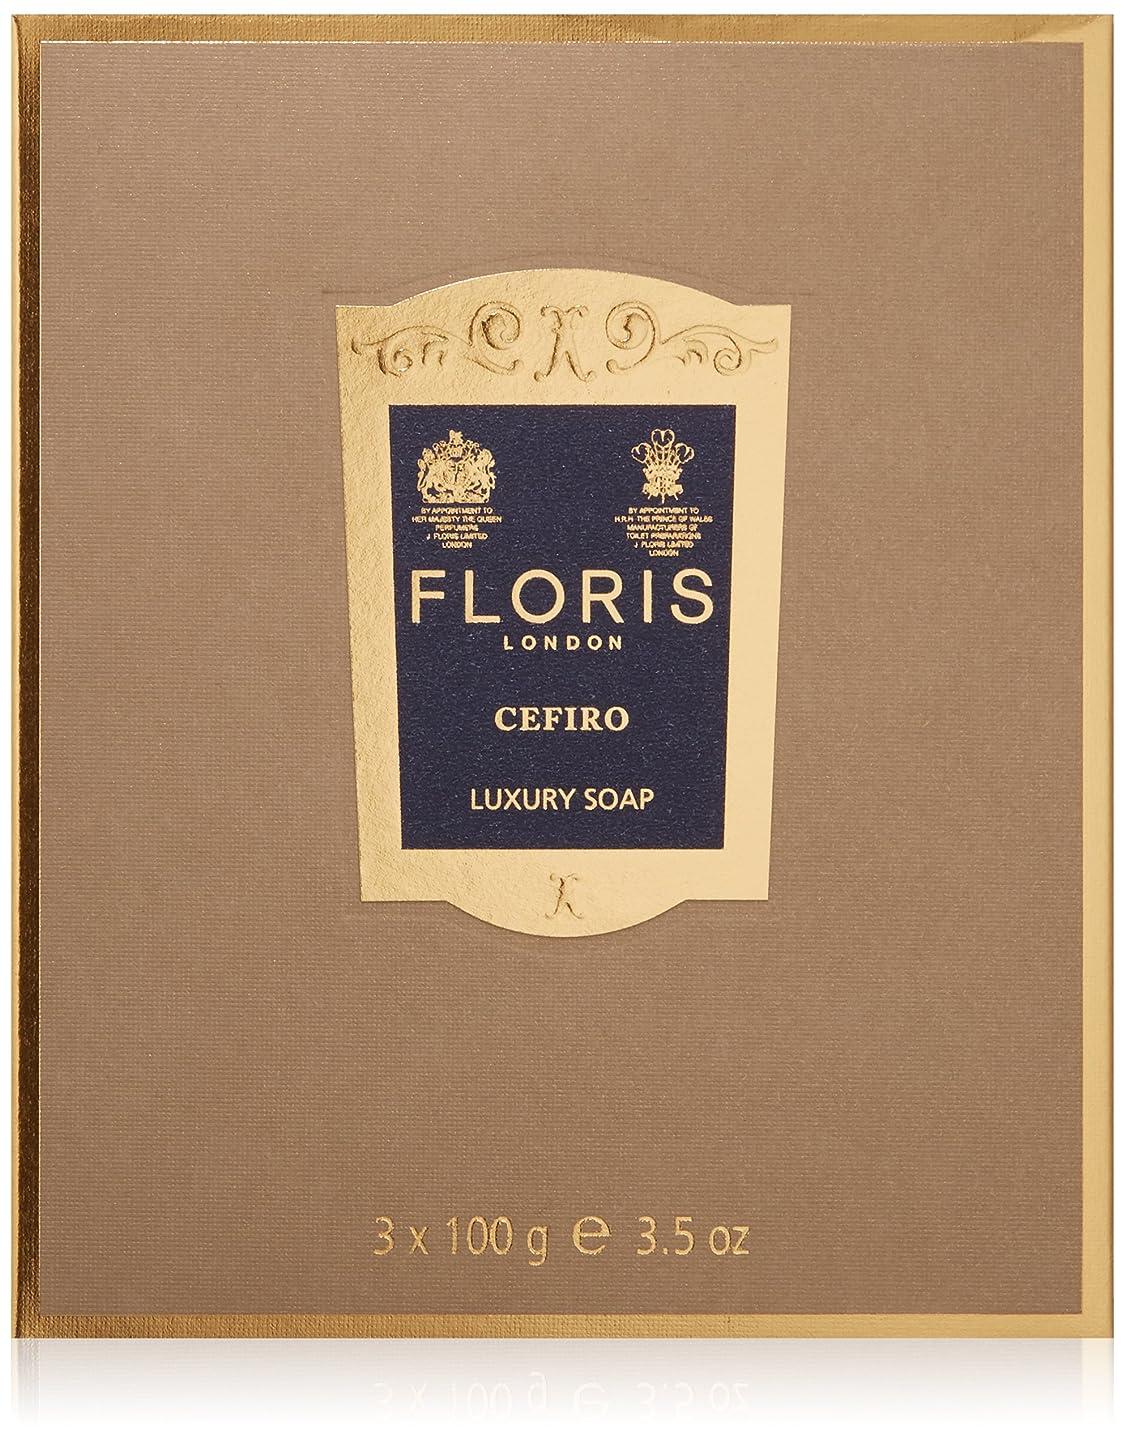 いいね物質蛾フローリス ラグジュアリーソープCF(セフィーロ) 3x100g/3.5oz